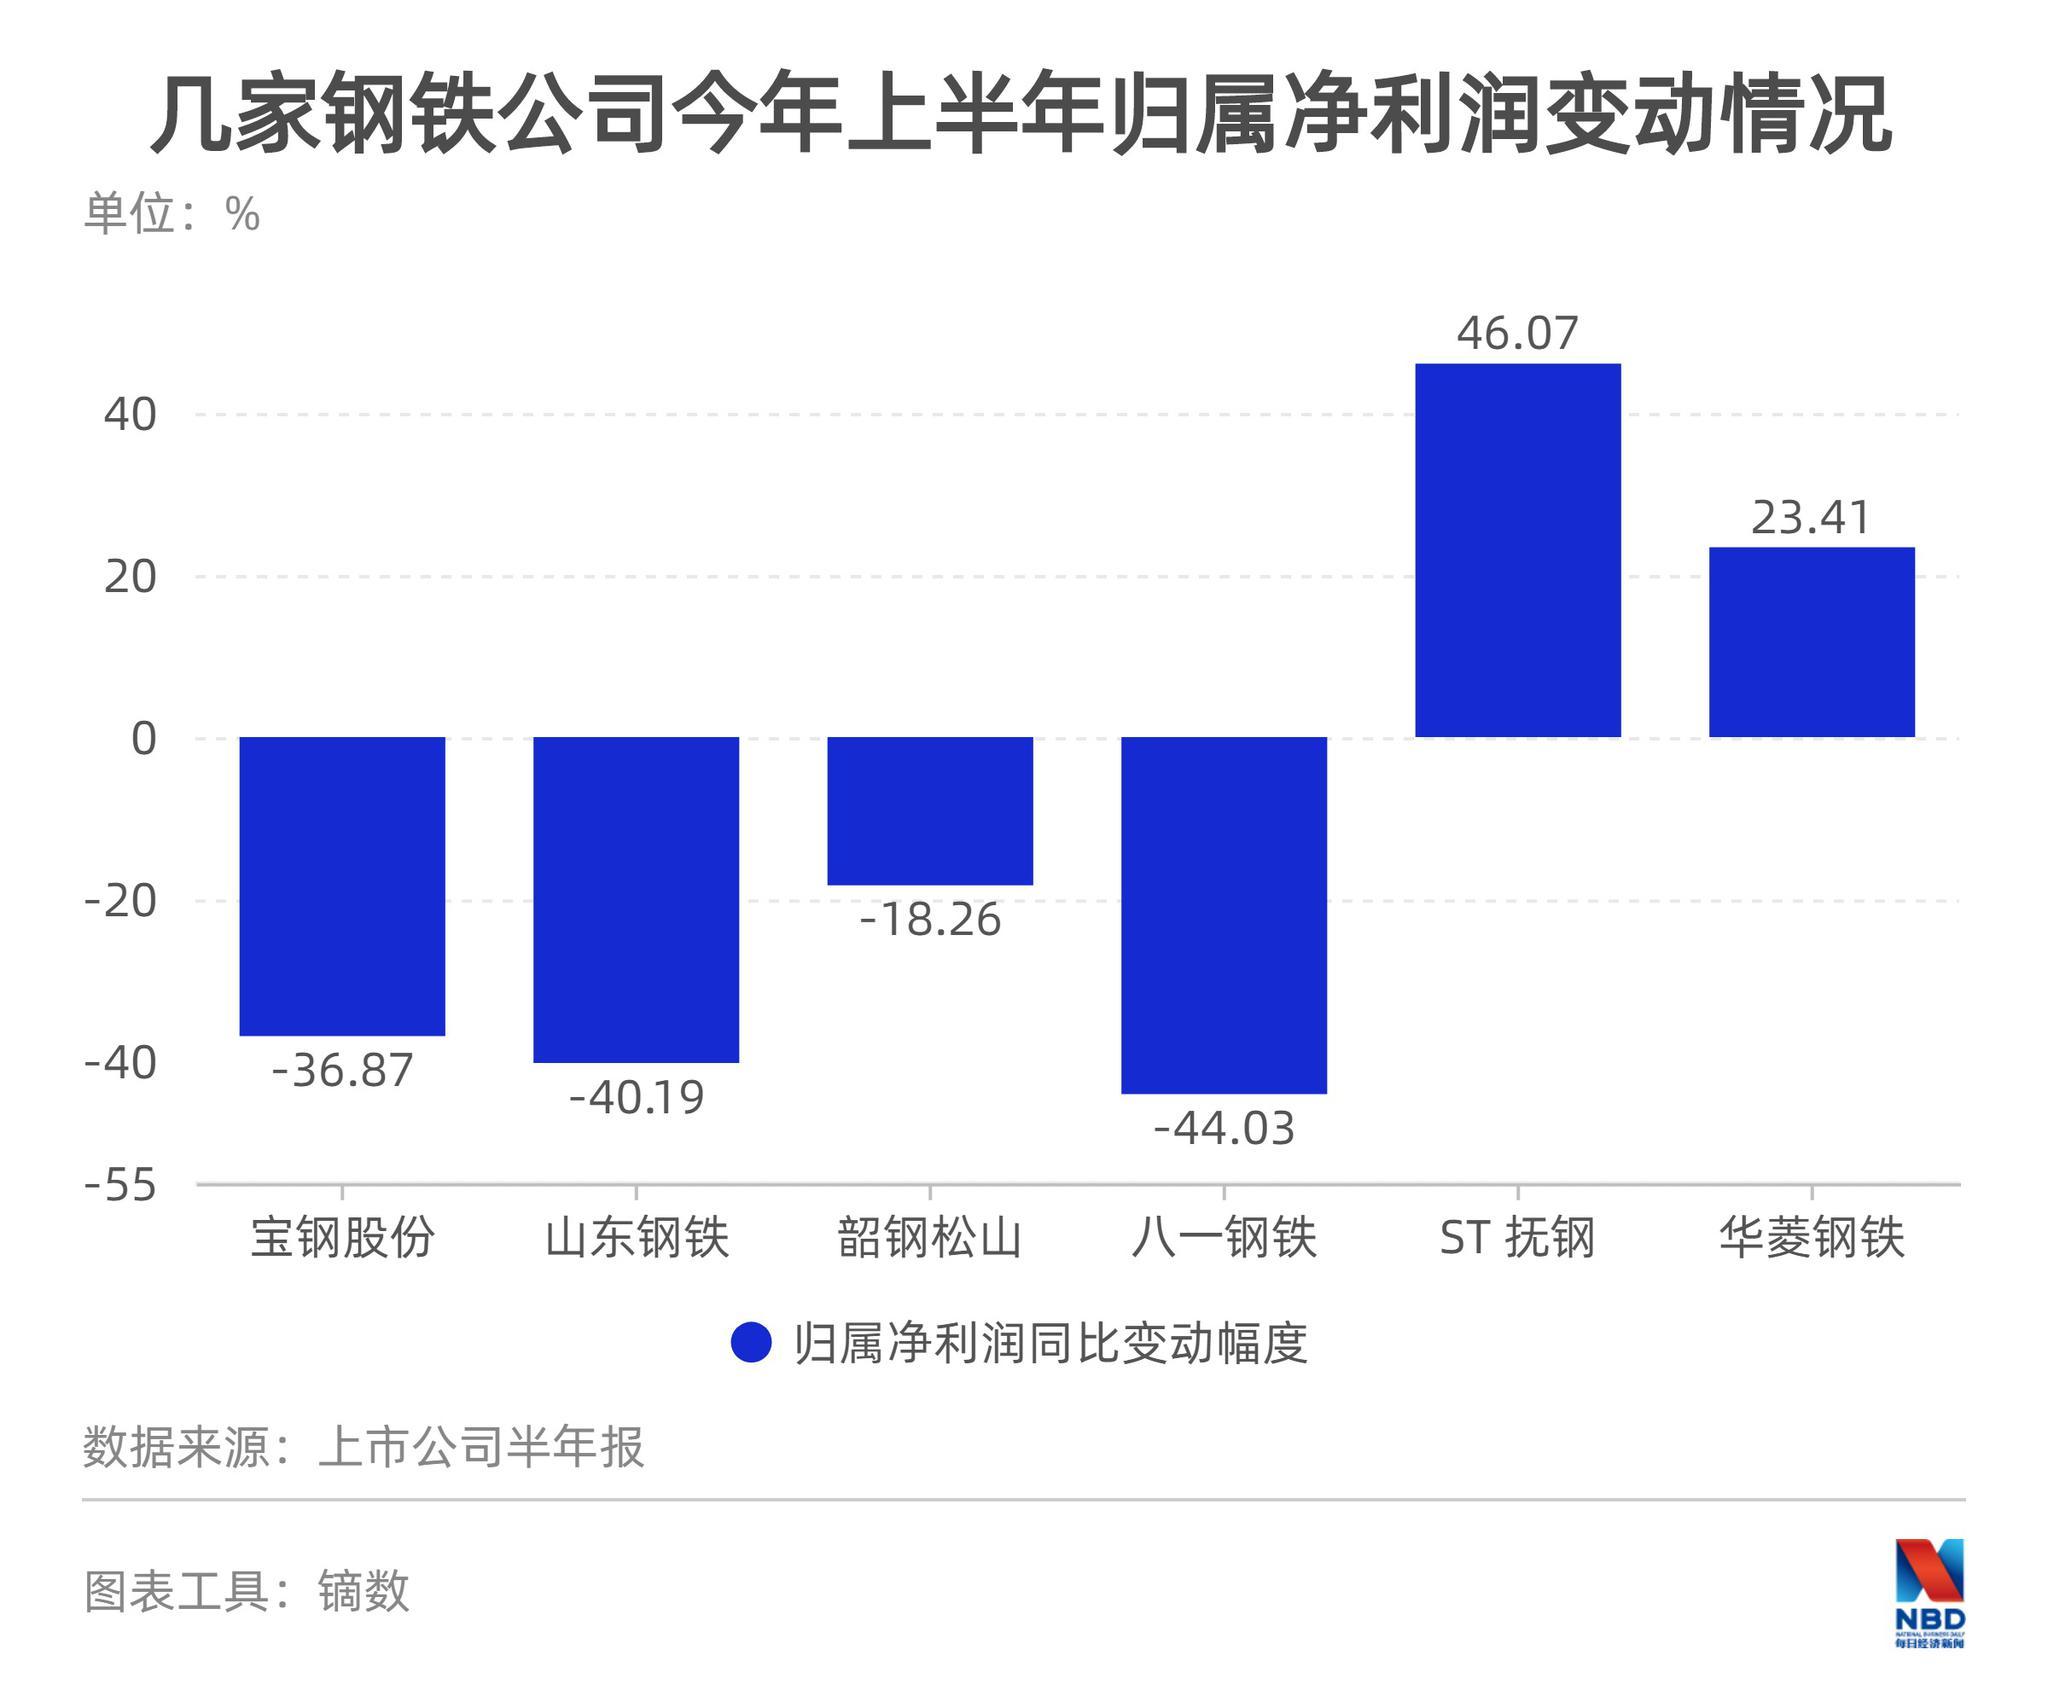 铁矿石领衔原材料涨价 上市钢企上半年多数业绩同比下滑